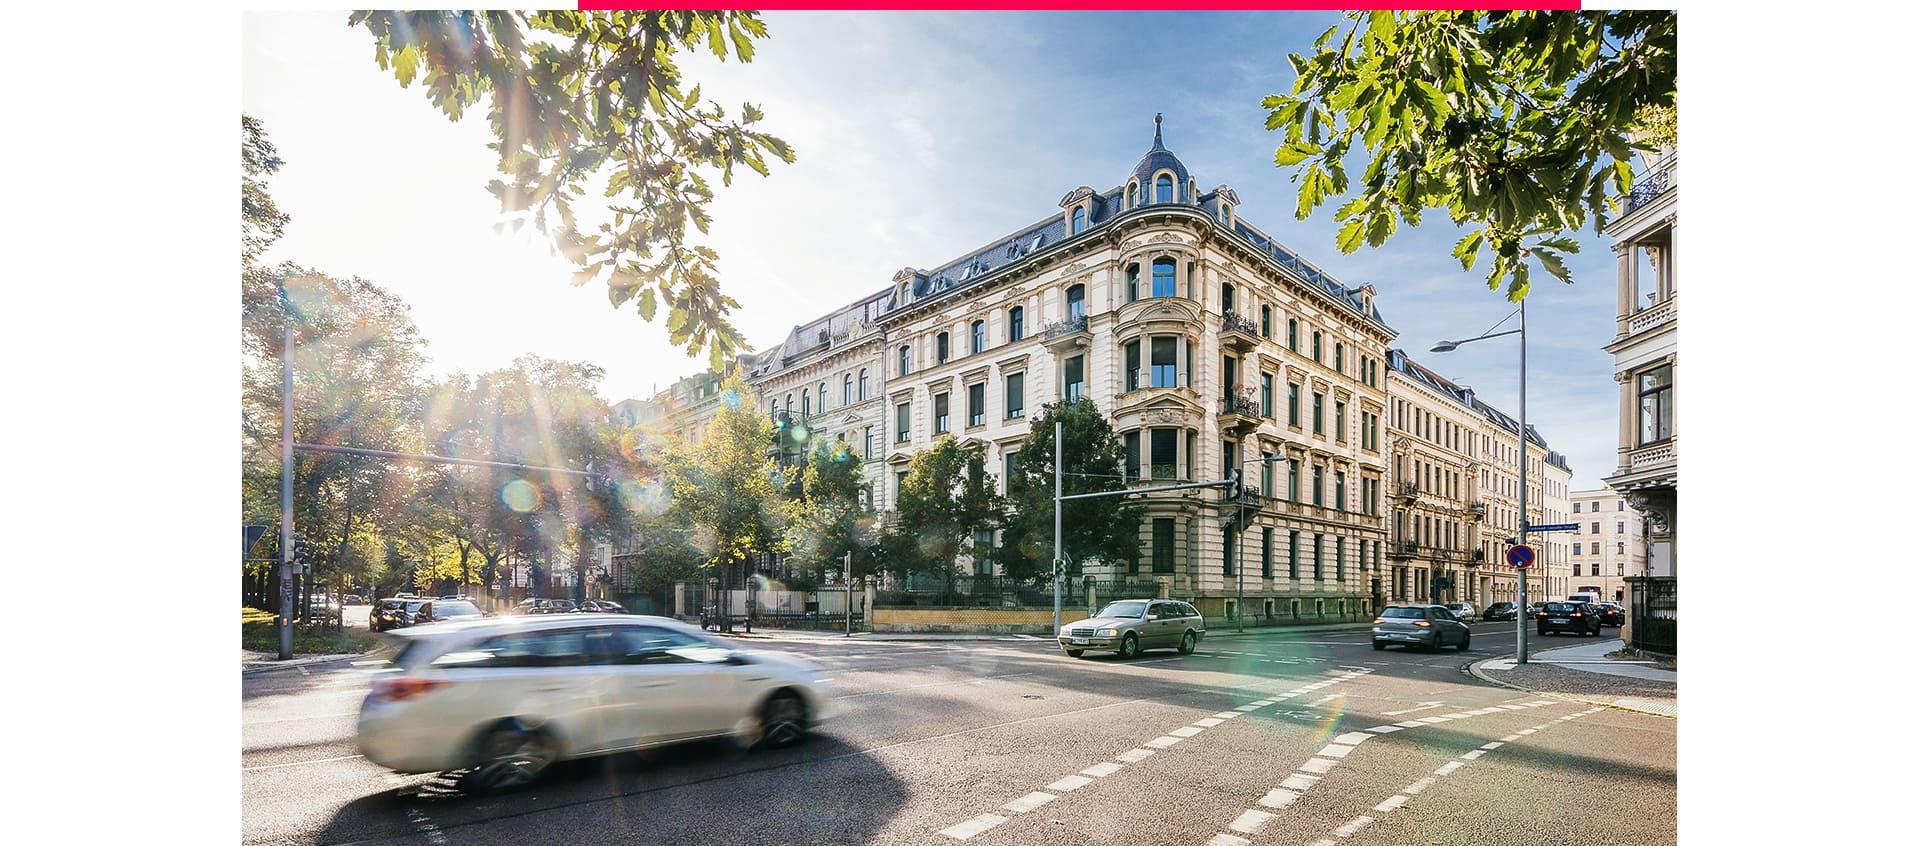 Mehrfamilienhaus in Leipzig an einer viel befahrenen Straße.